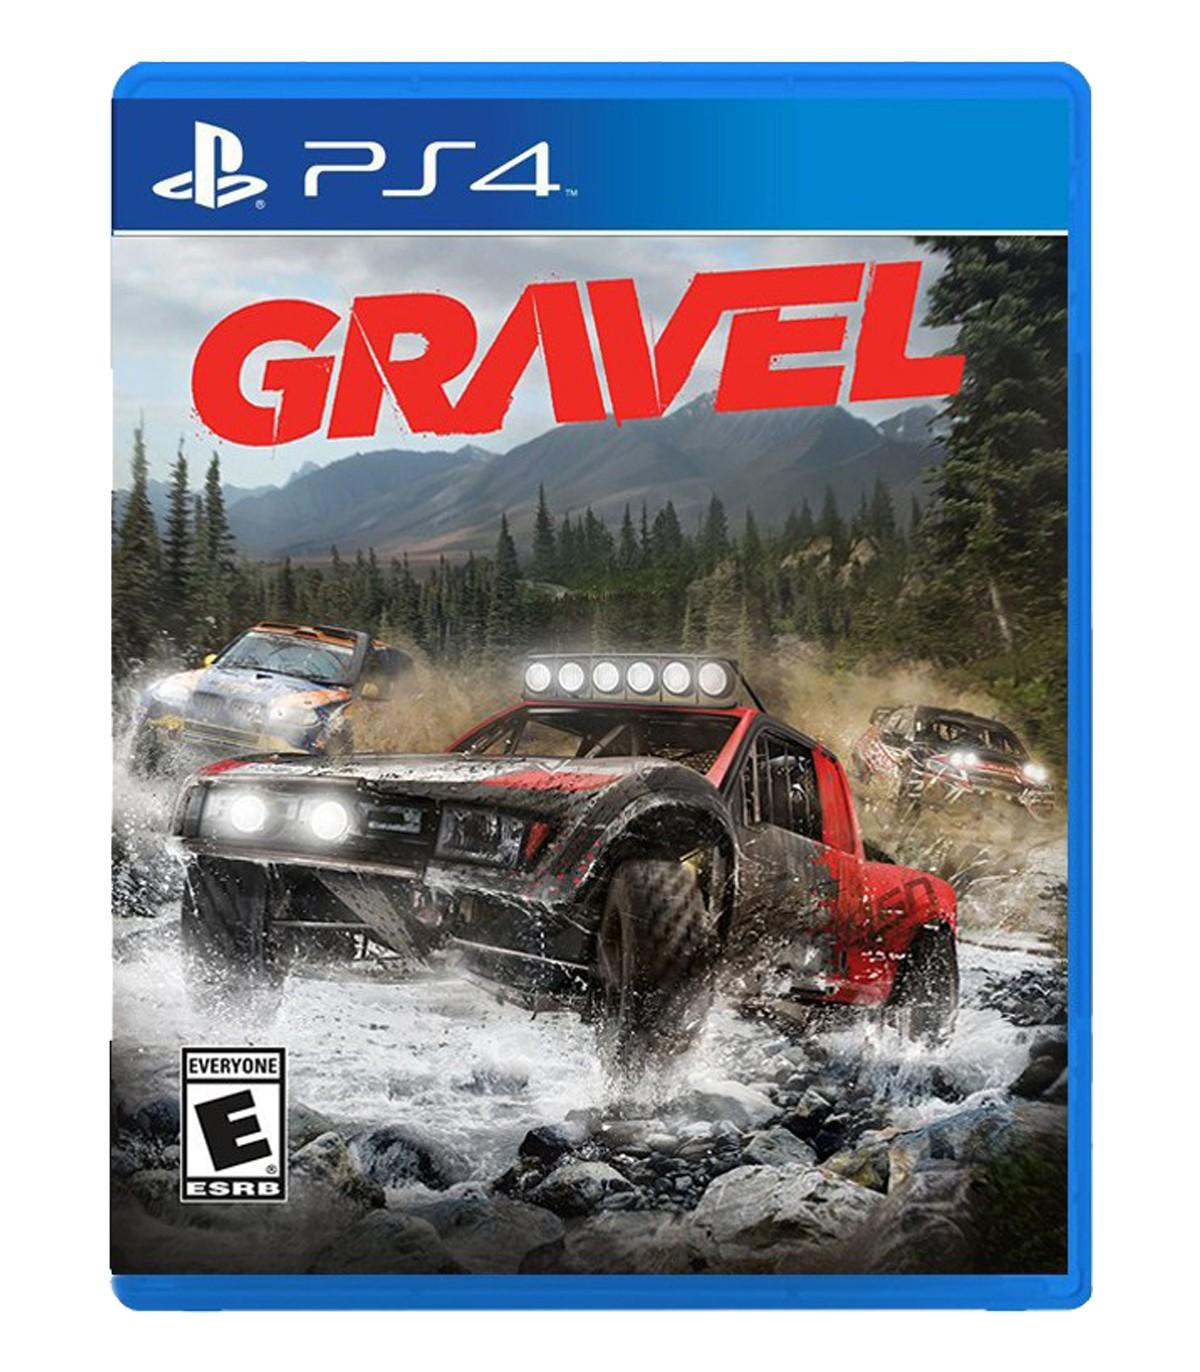 بازی Gravel کارکرده - پلی استیشن 4